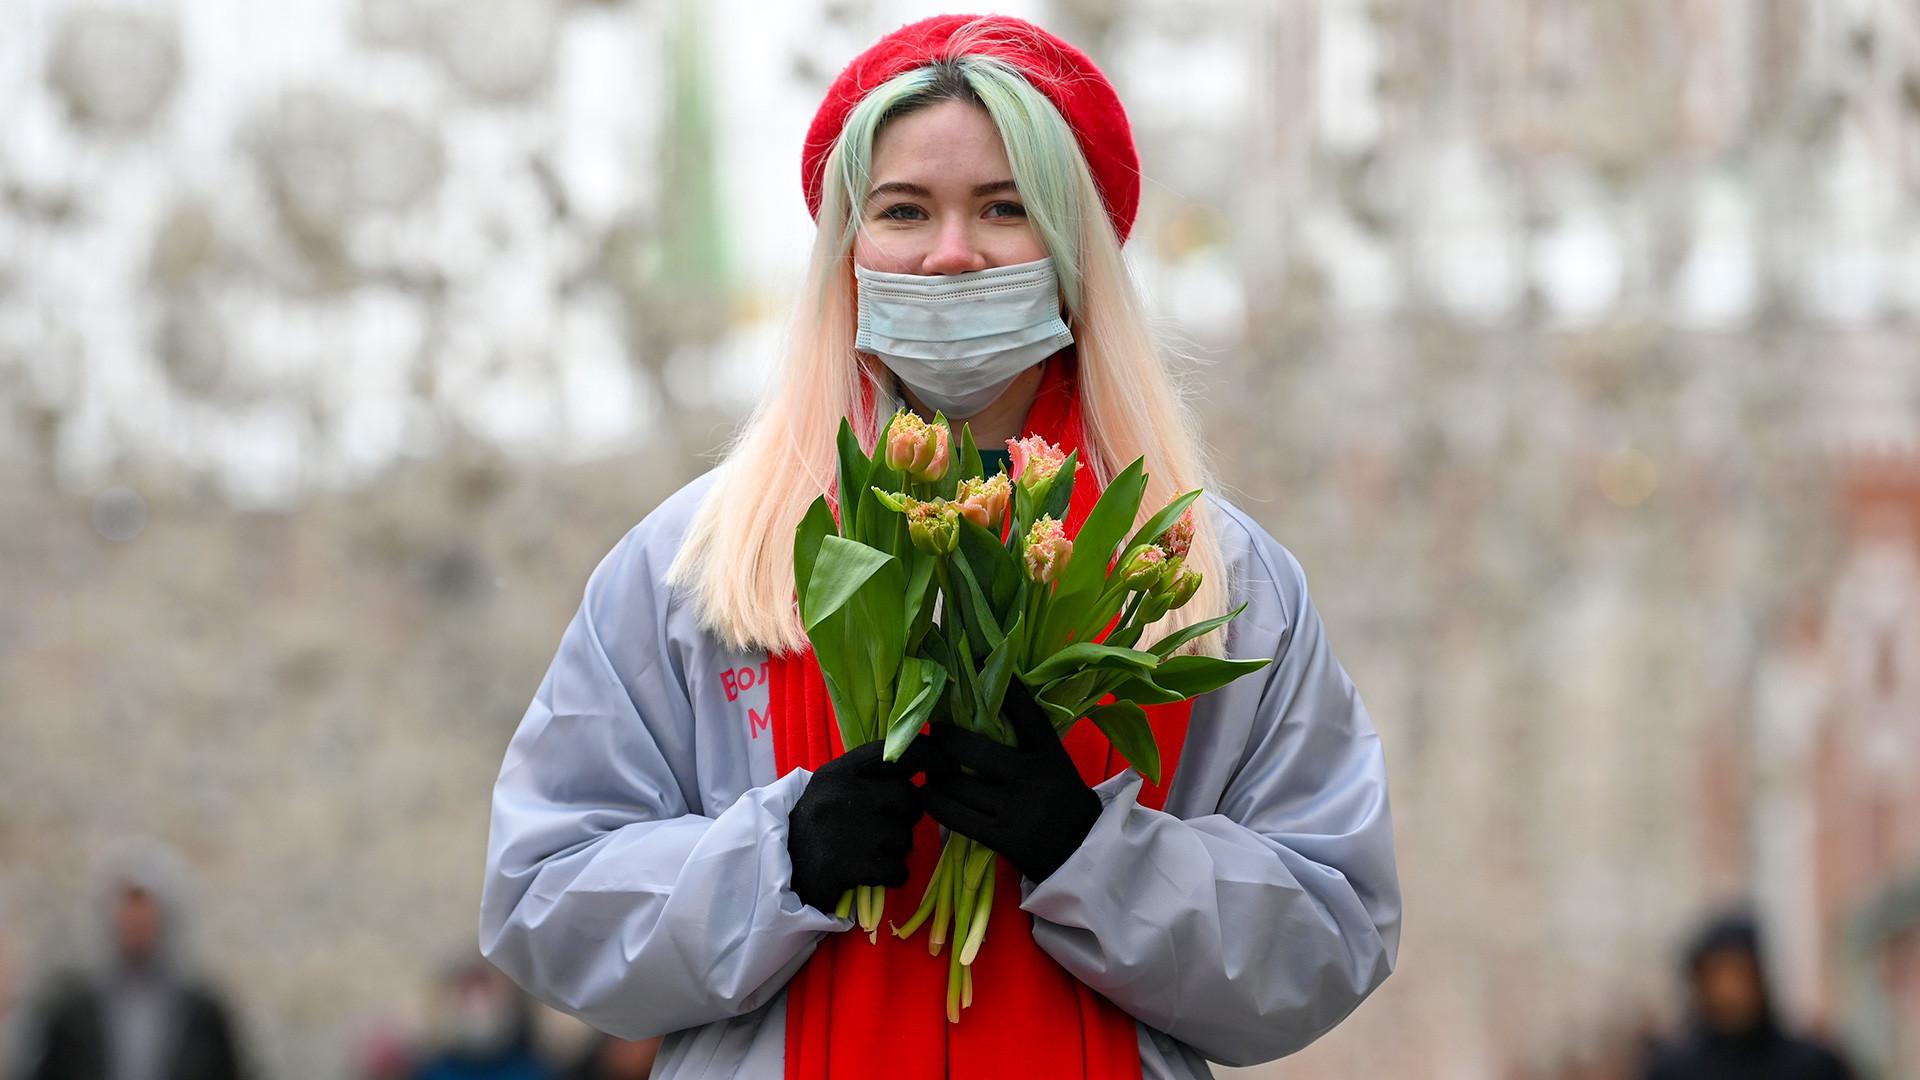 """Волонтерка у Никољској улици са лалама које дели женама. Акција """"Вама вољене"""" поводом 8. марта одржава се на железничким и метро станицама, булеварима, трговима и парковима Москве. 500 волонтера ће за време ове акције поделити преко 300.000 лала."""